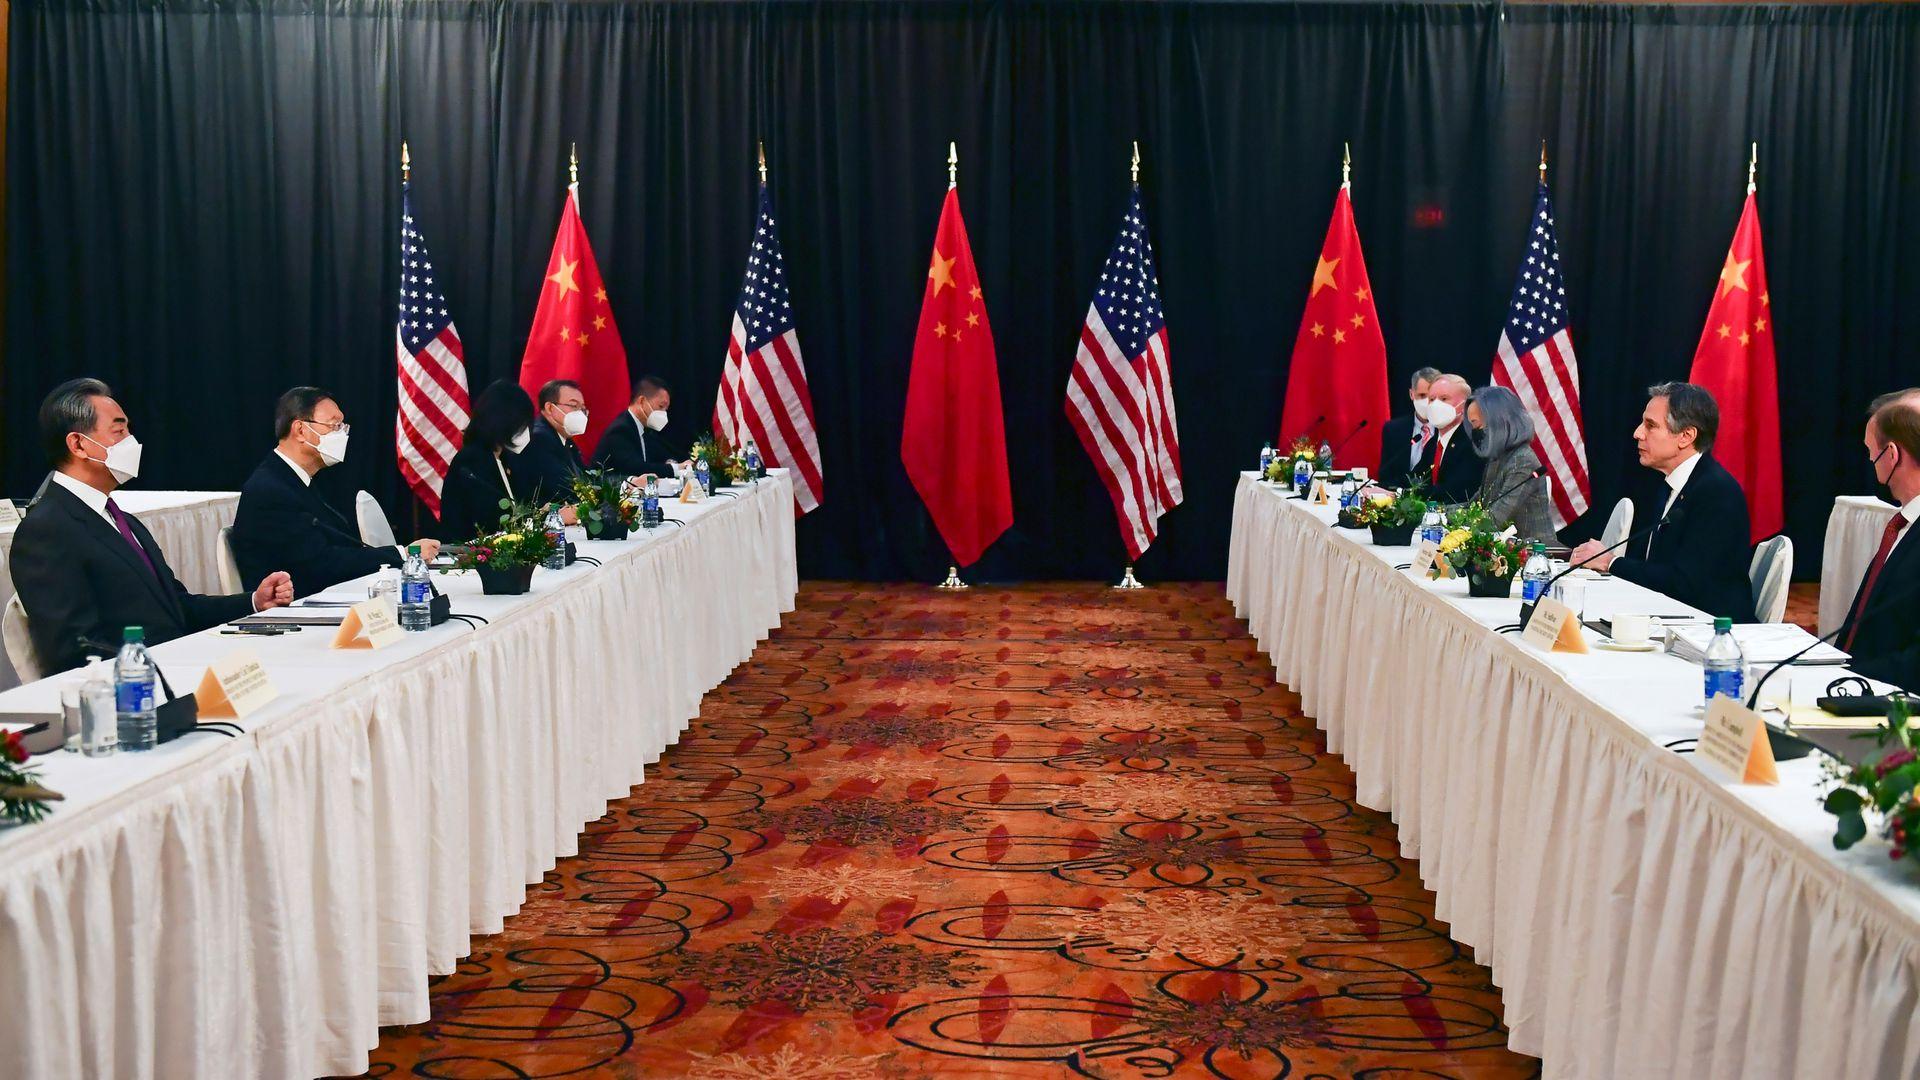 """中美展开激烈交锋,俄罗斯却""""左右逢源"""",普京或成为最大赢家?"""